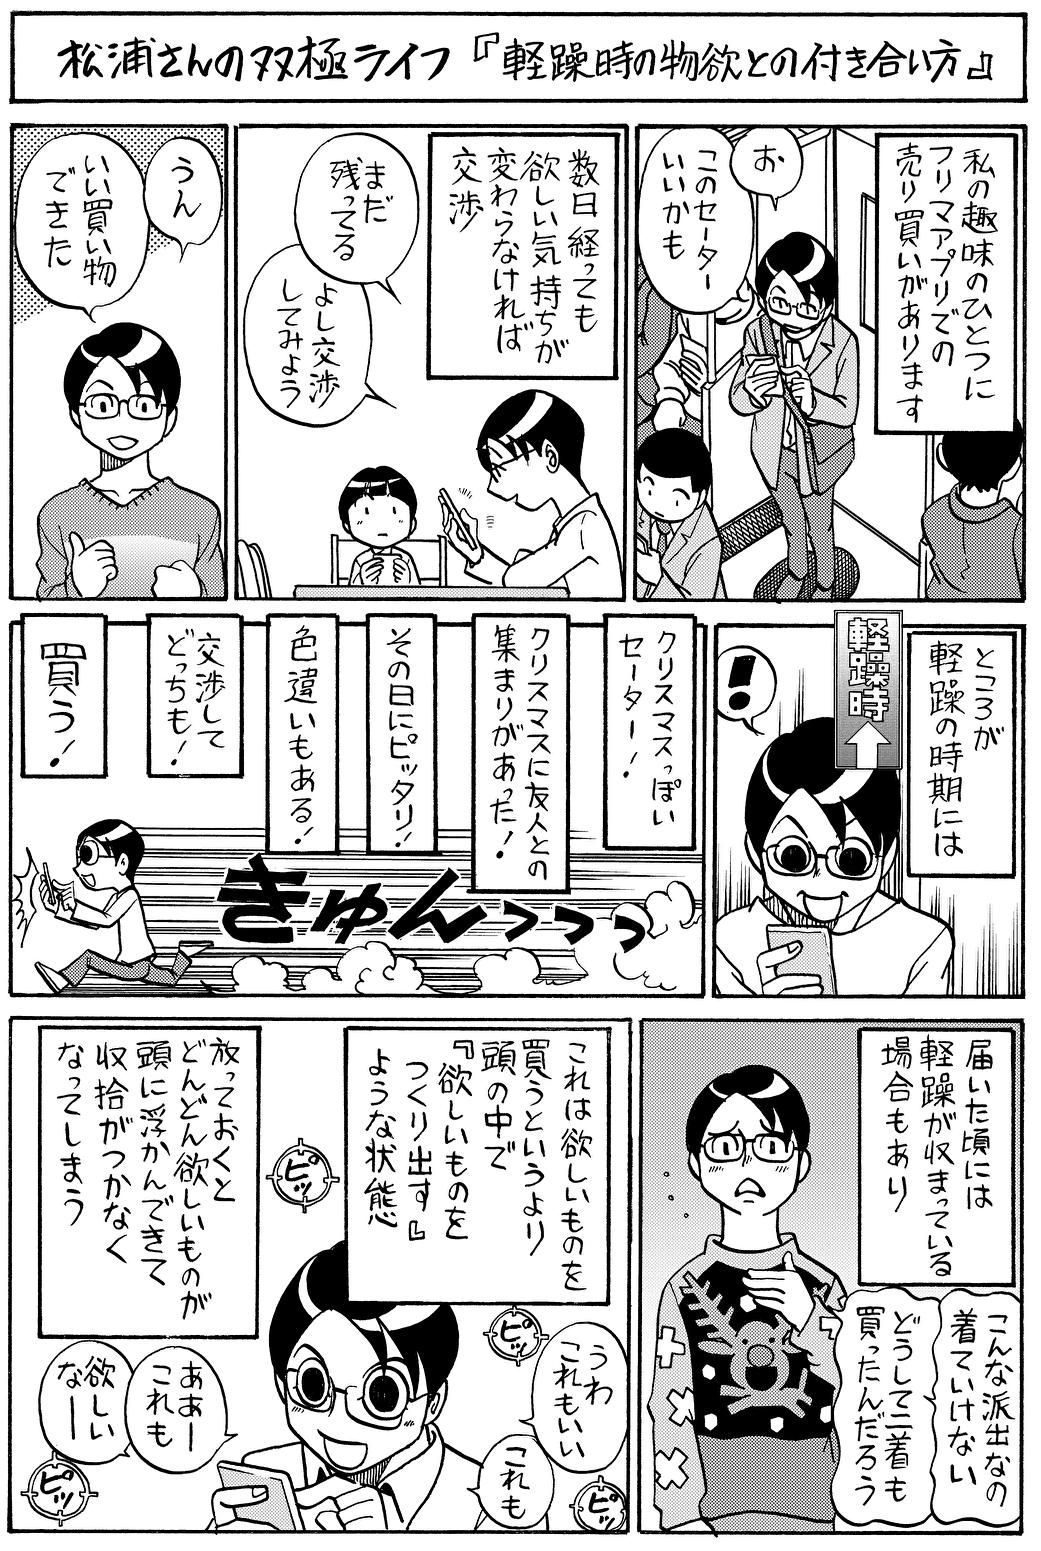 軽躁時の物欲との付き合い方【漫画/松浦さんの双極ライフ】#08-1